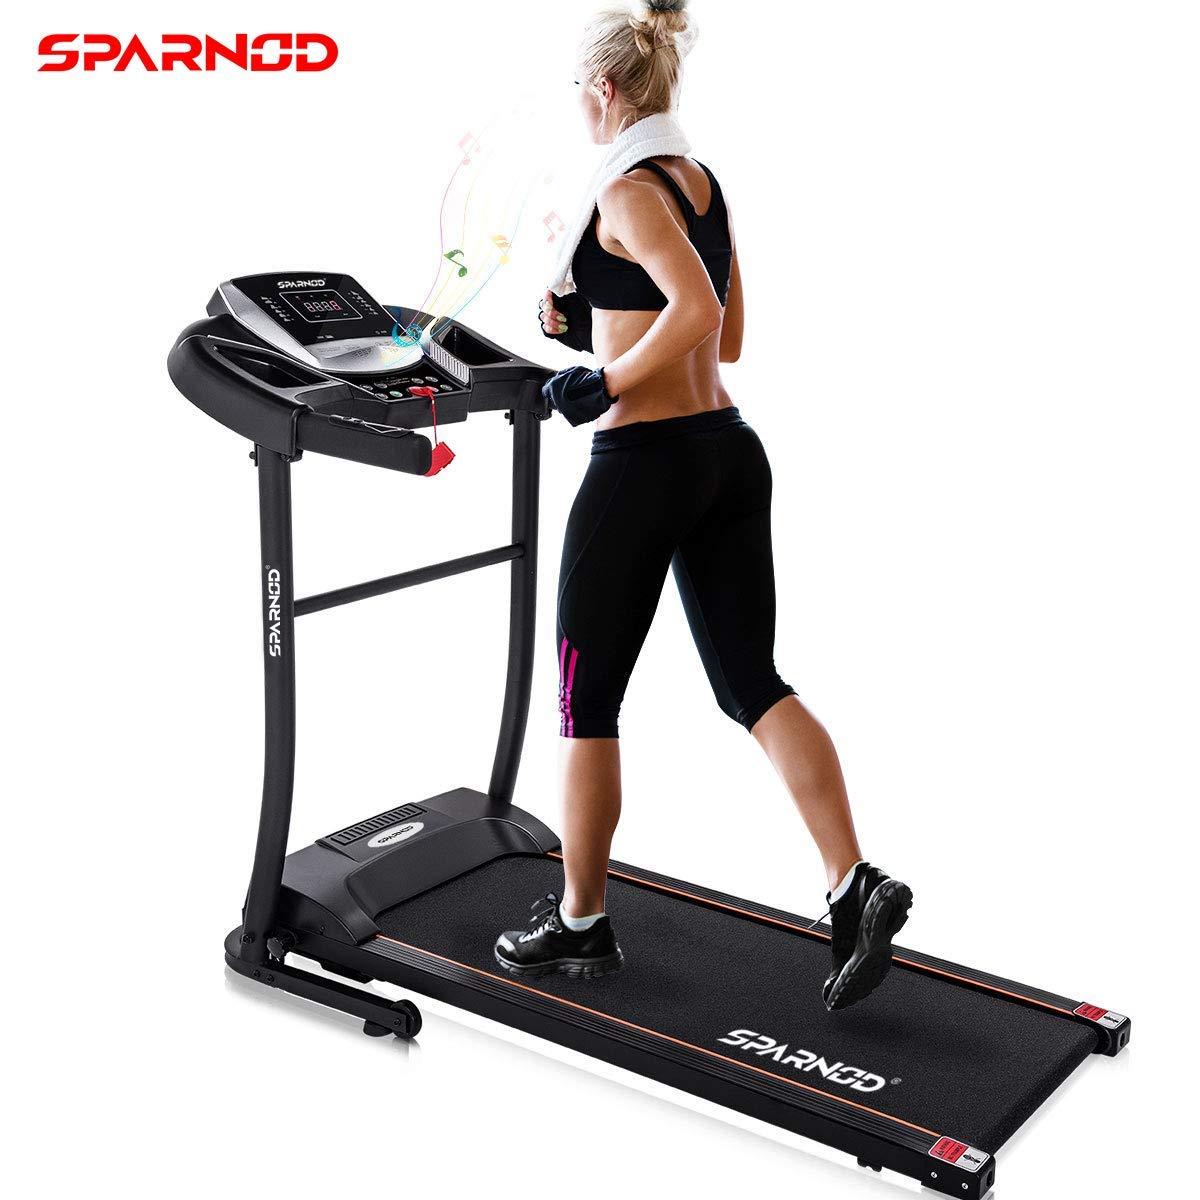 Sparnod Fitness (3 HP Peak) Automatic Treadmill